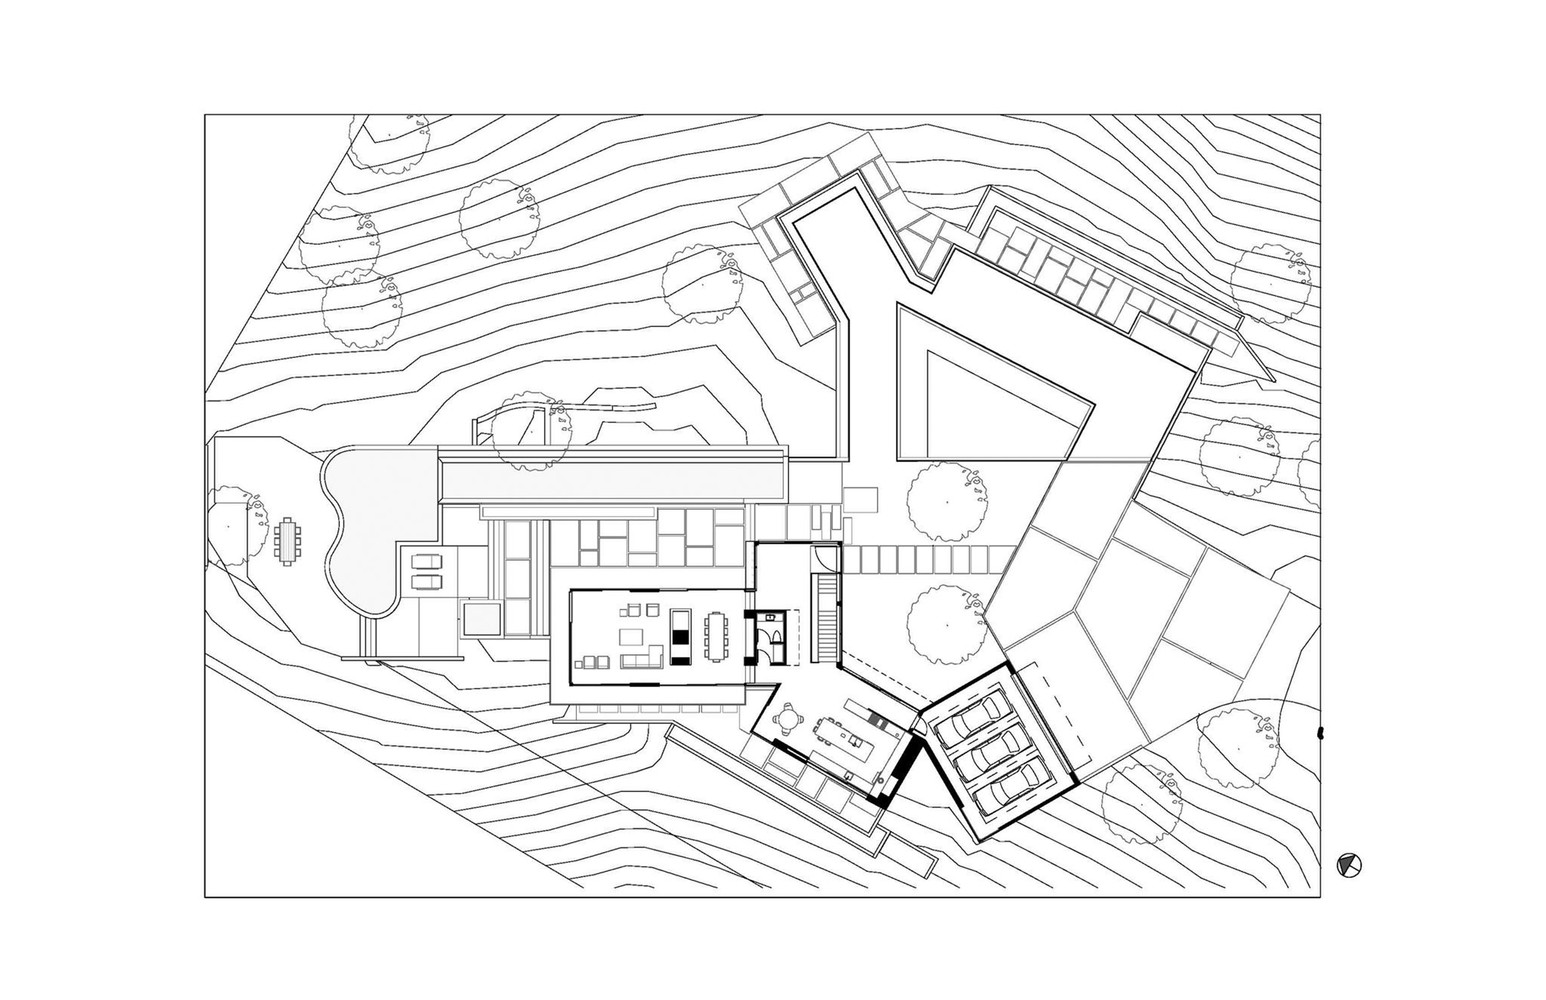 Upper Floor Plan (Copy)